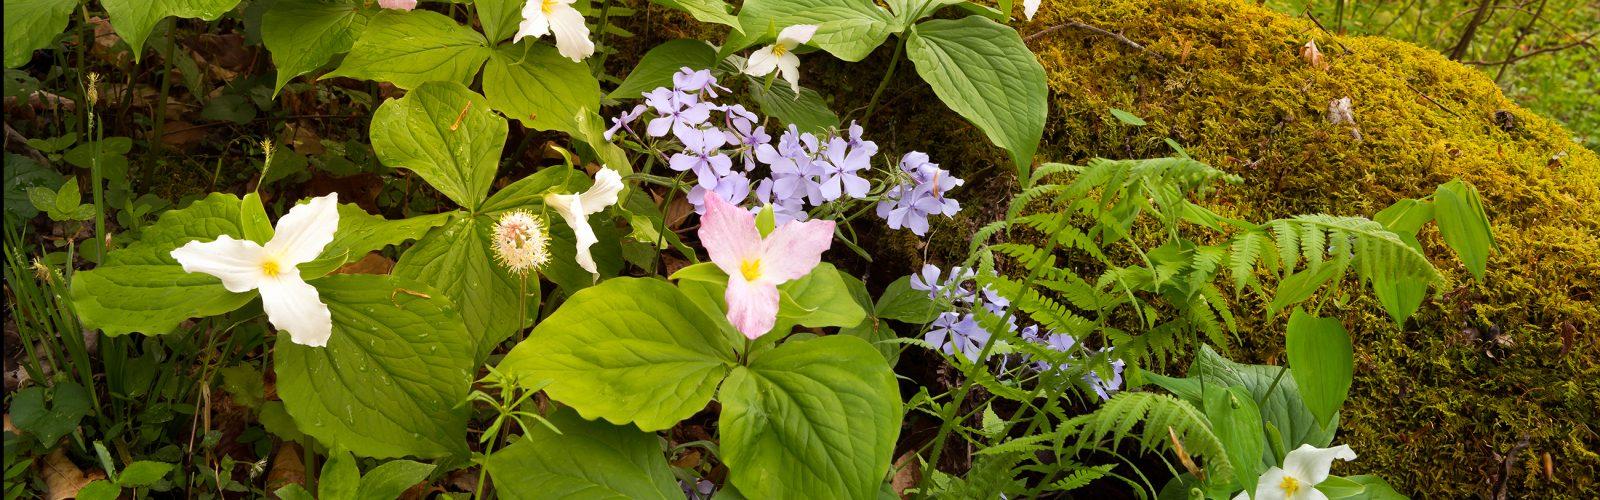 Spring Ephemerals in the Garden